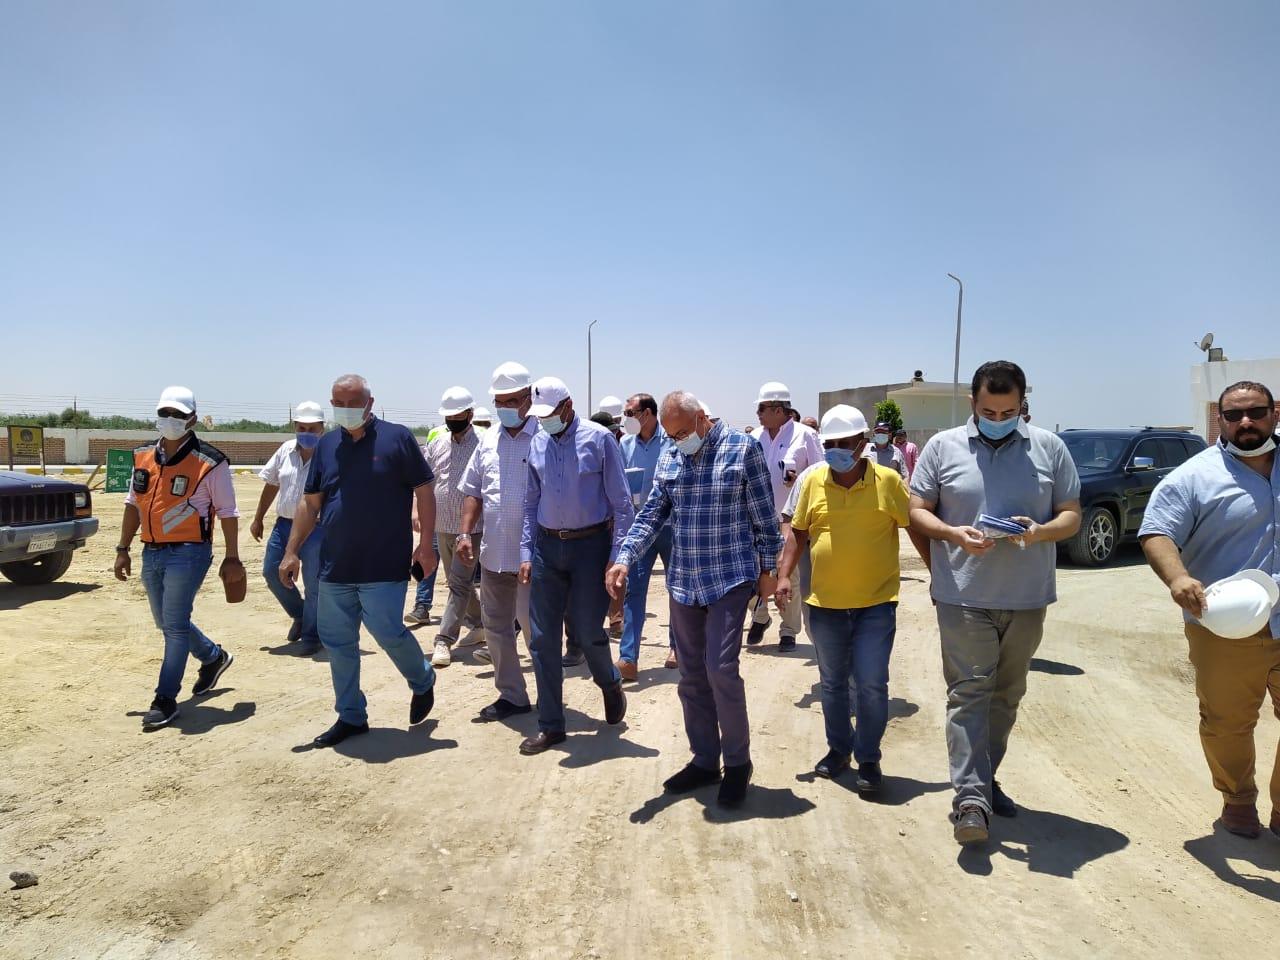 نائب وزير الإسكان لشئون البنية الأساسية يتفقد مشروعات مياه الشرب والصرف الصحى بمدينة بنى سويف الجديدة